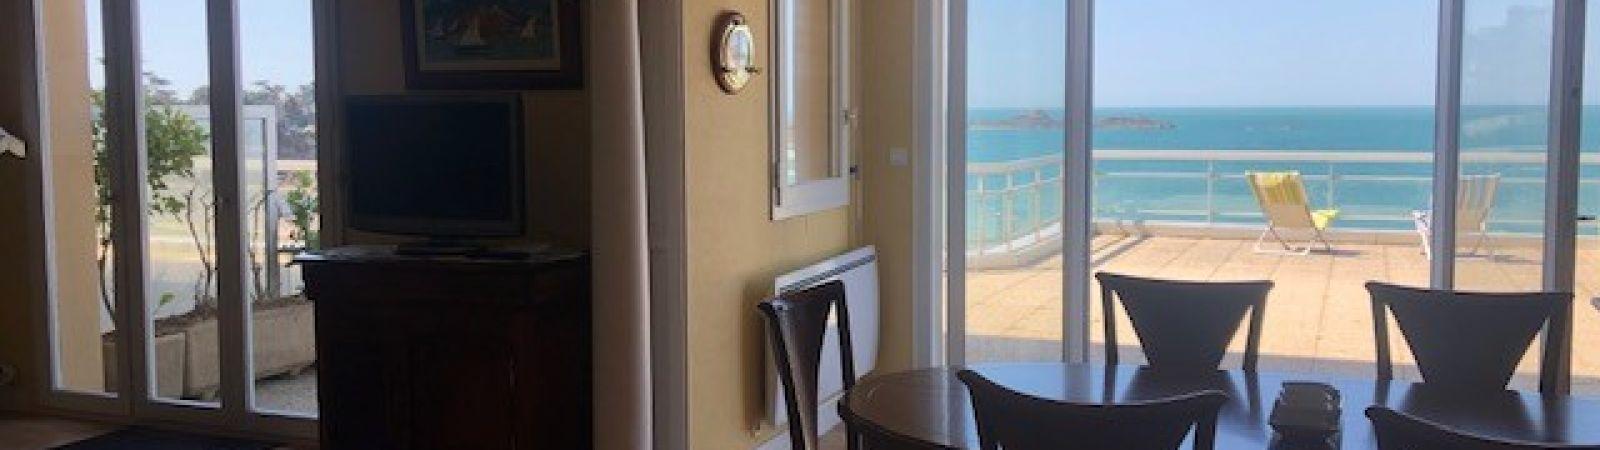 photo 2: Appartement offrant une splendide vue panoramique sur la mer